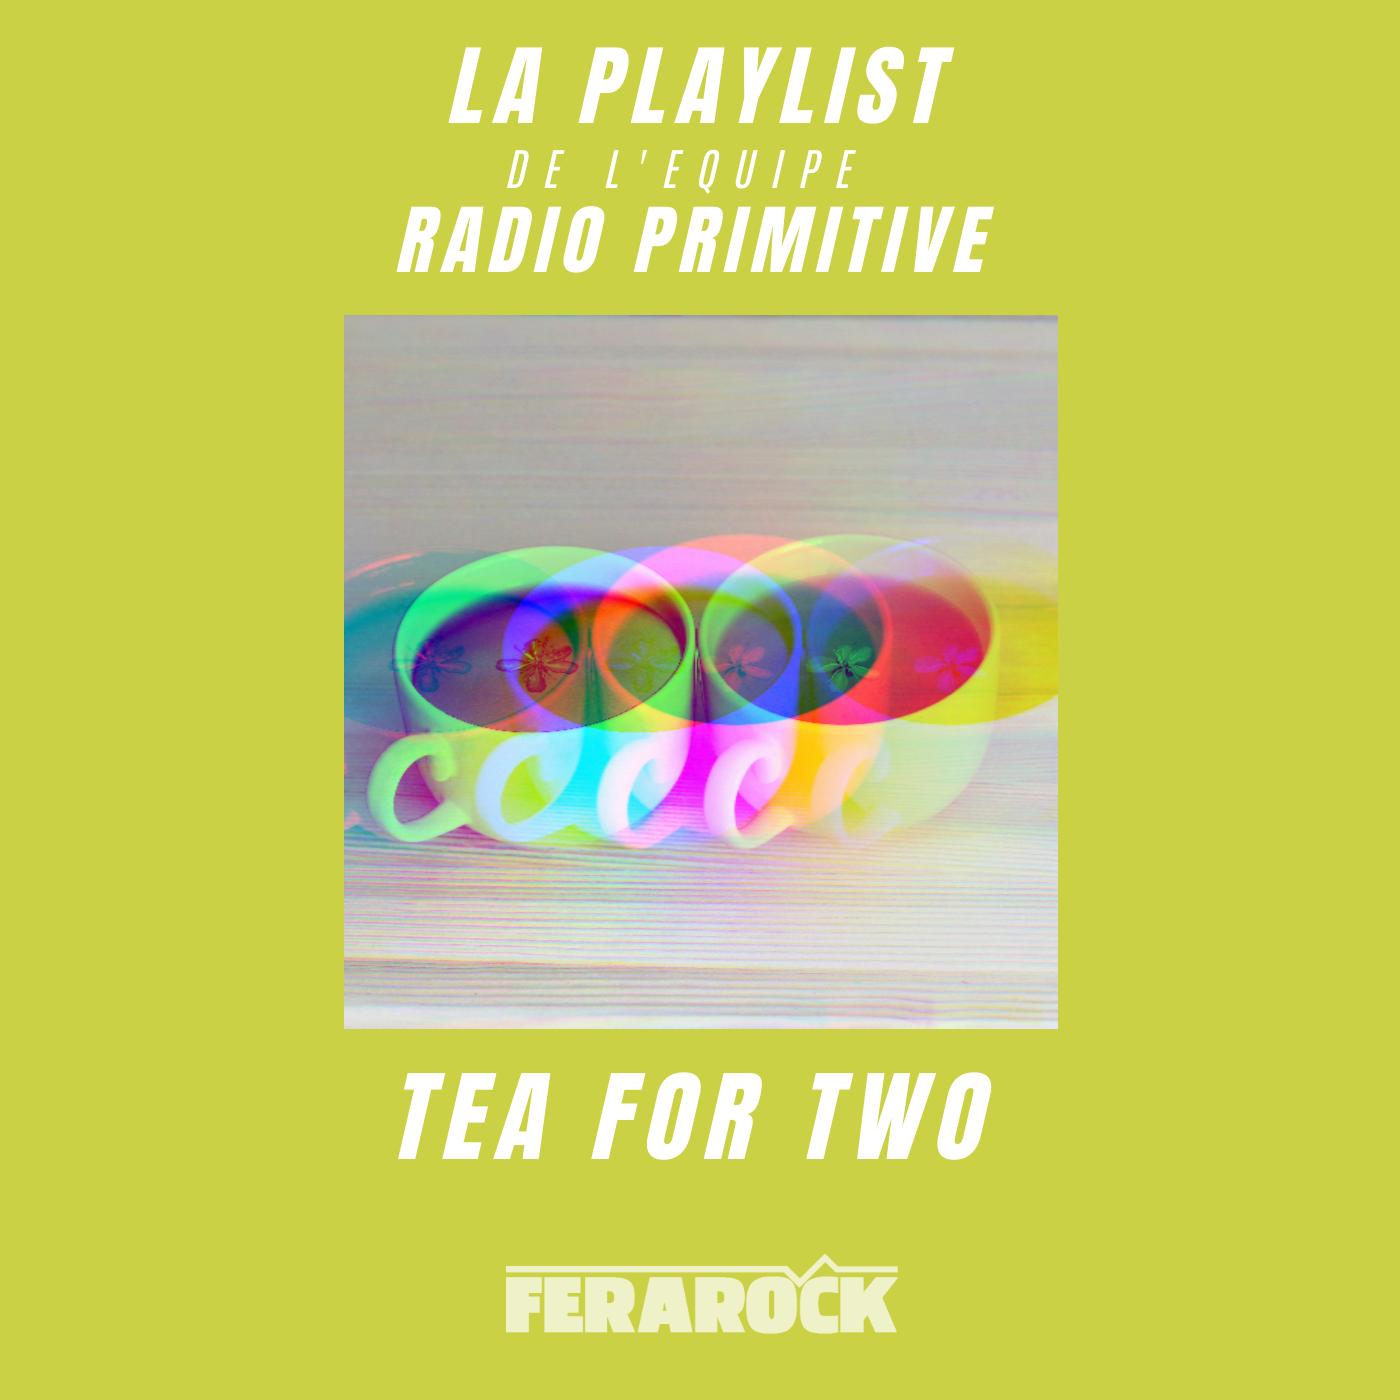 Tea for Two : une playlist Primitive en face à face